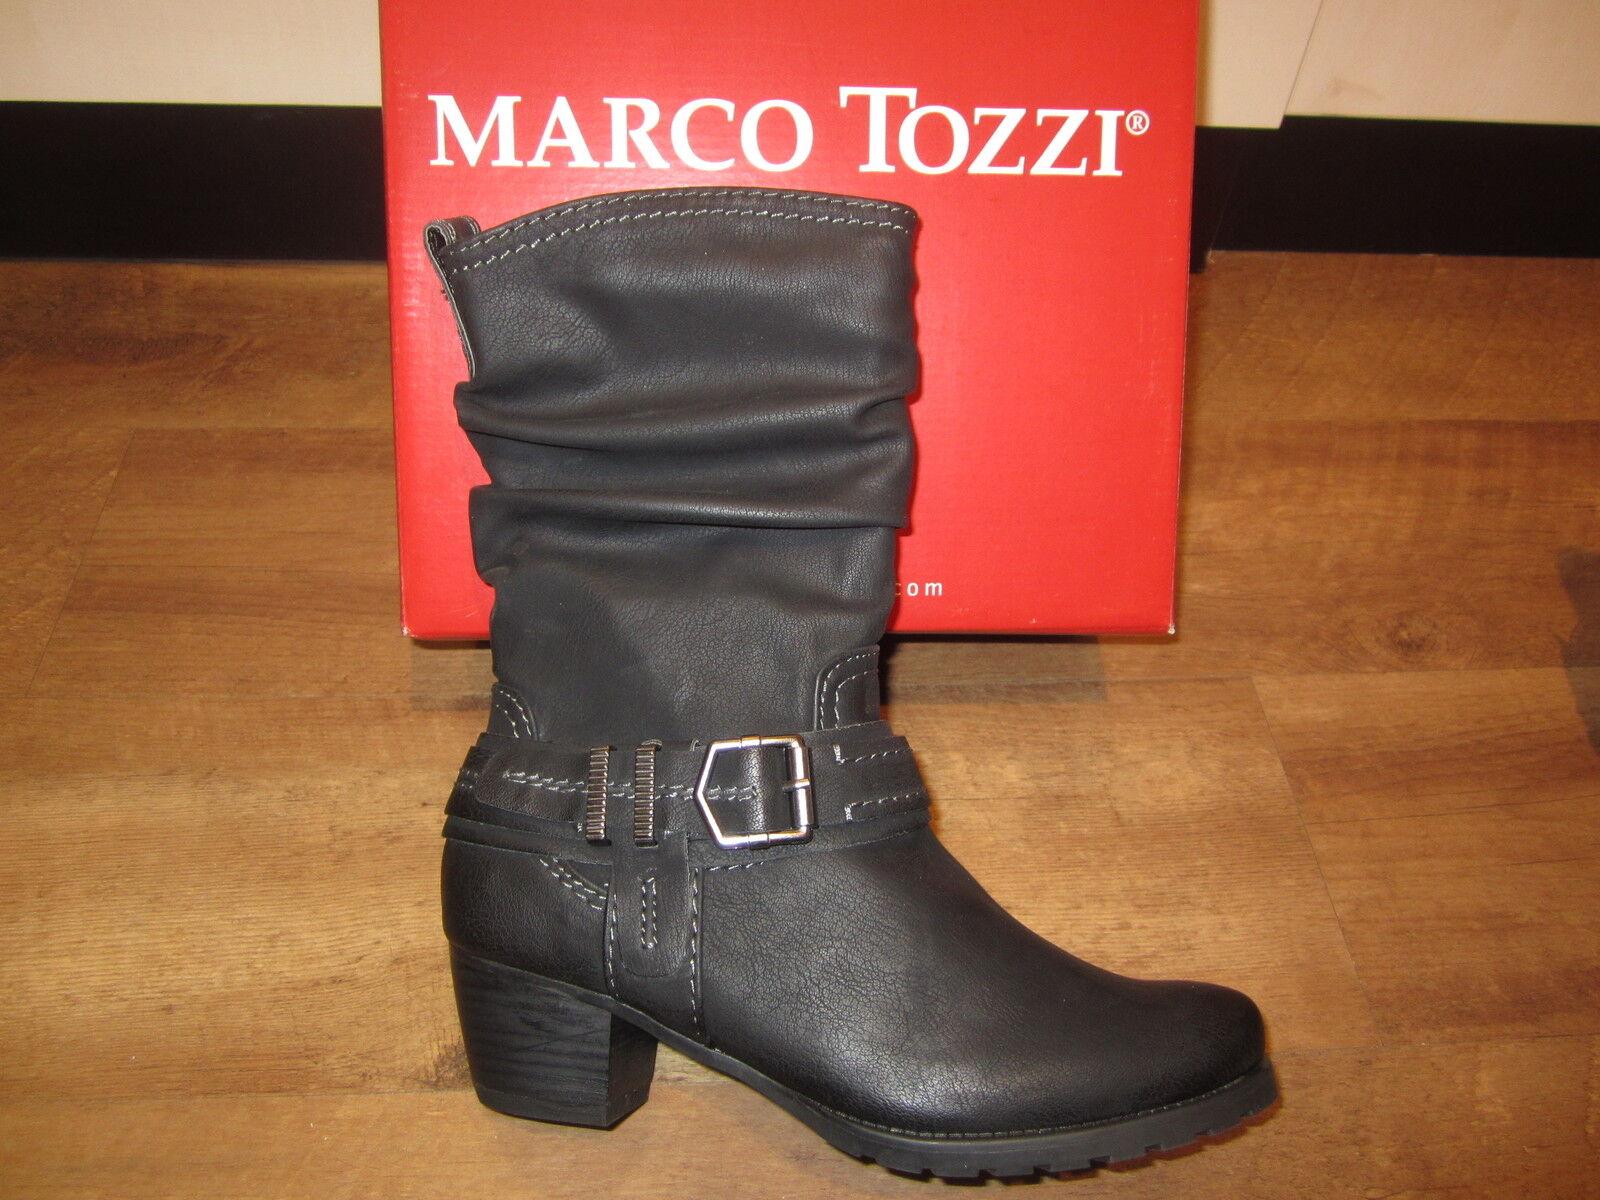 Marco Tozzi Damen Stiefel, Stiefelette, schwarz, Boots NEU!!